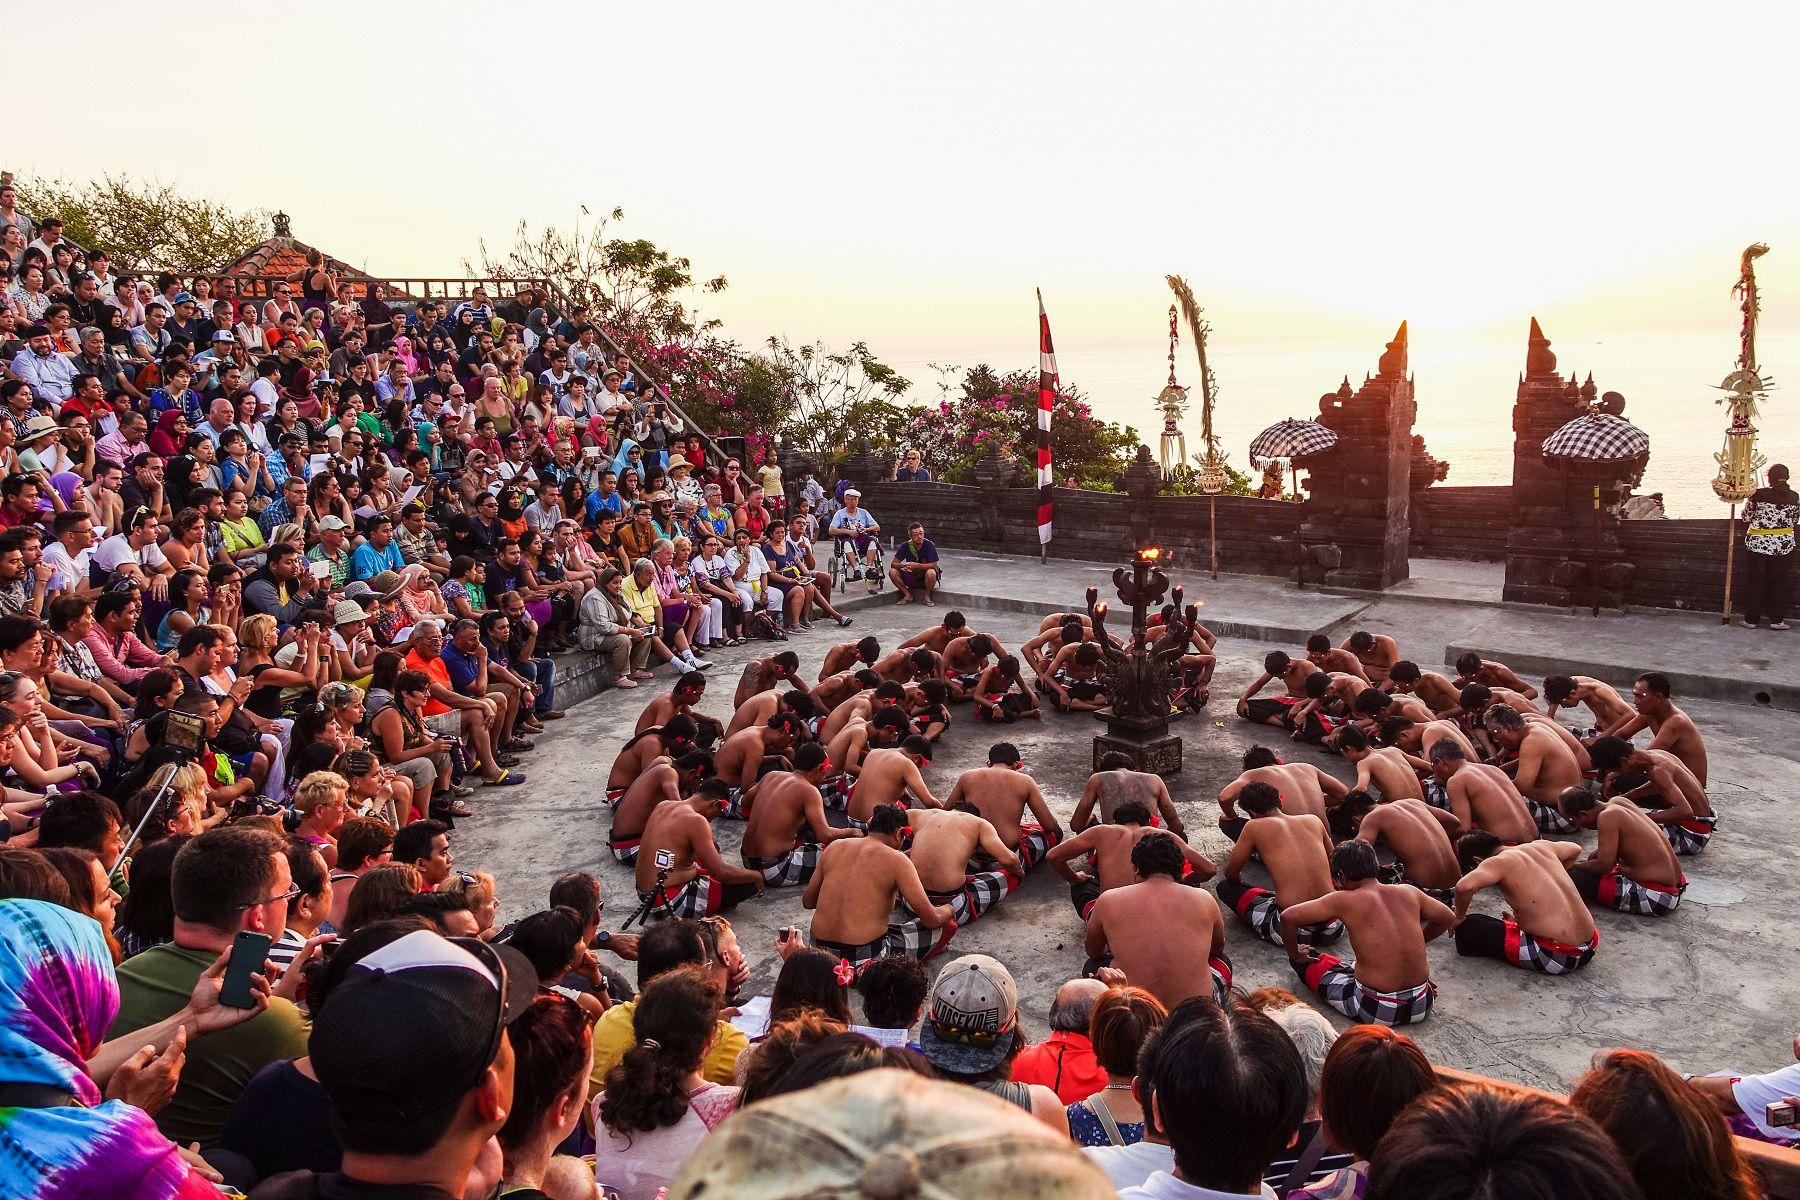 Vista de la Danza del Kecak